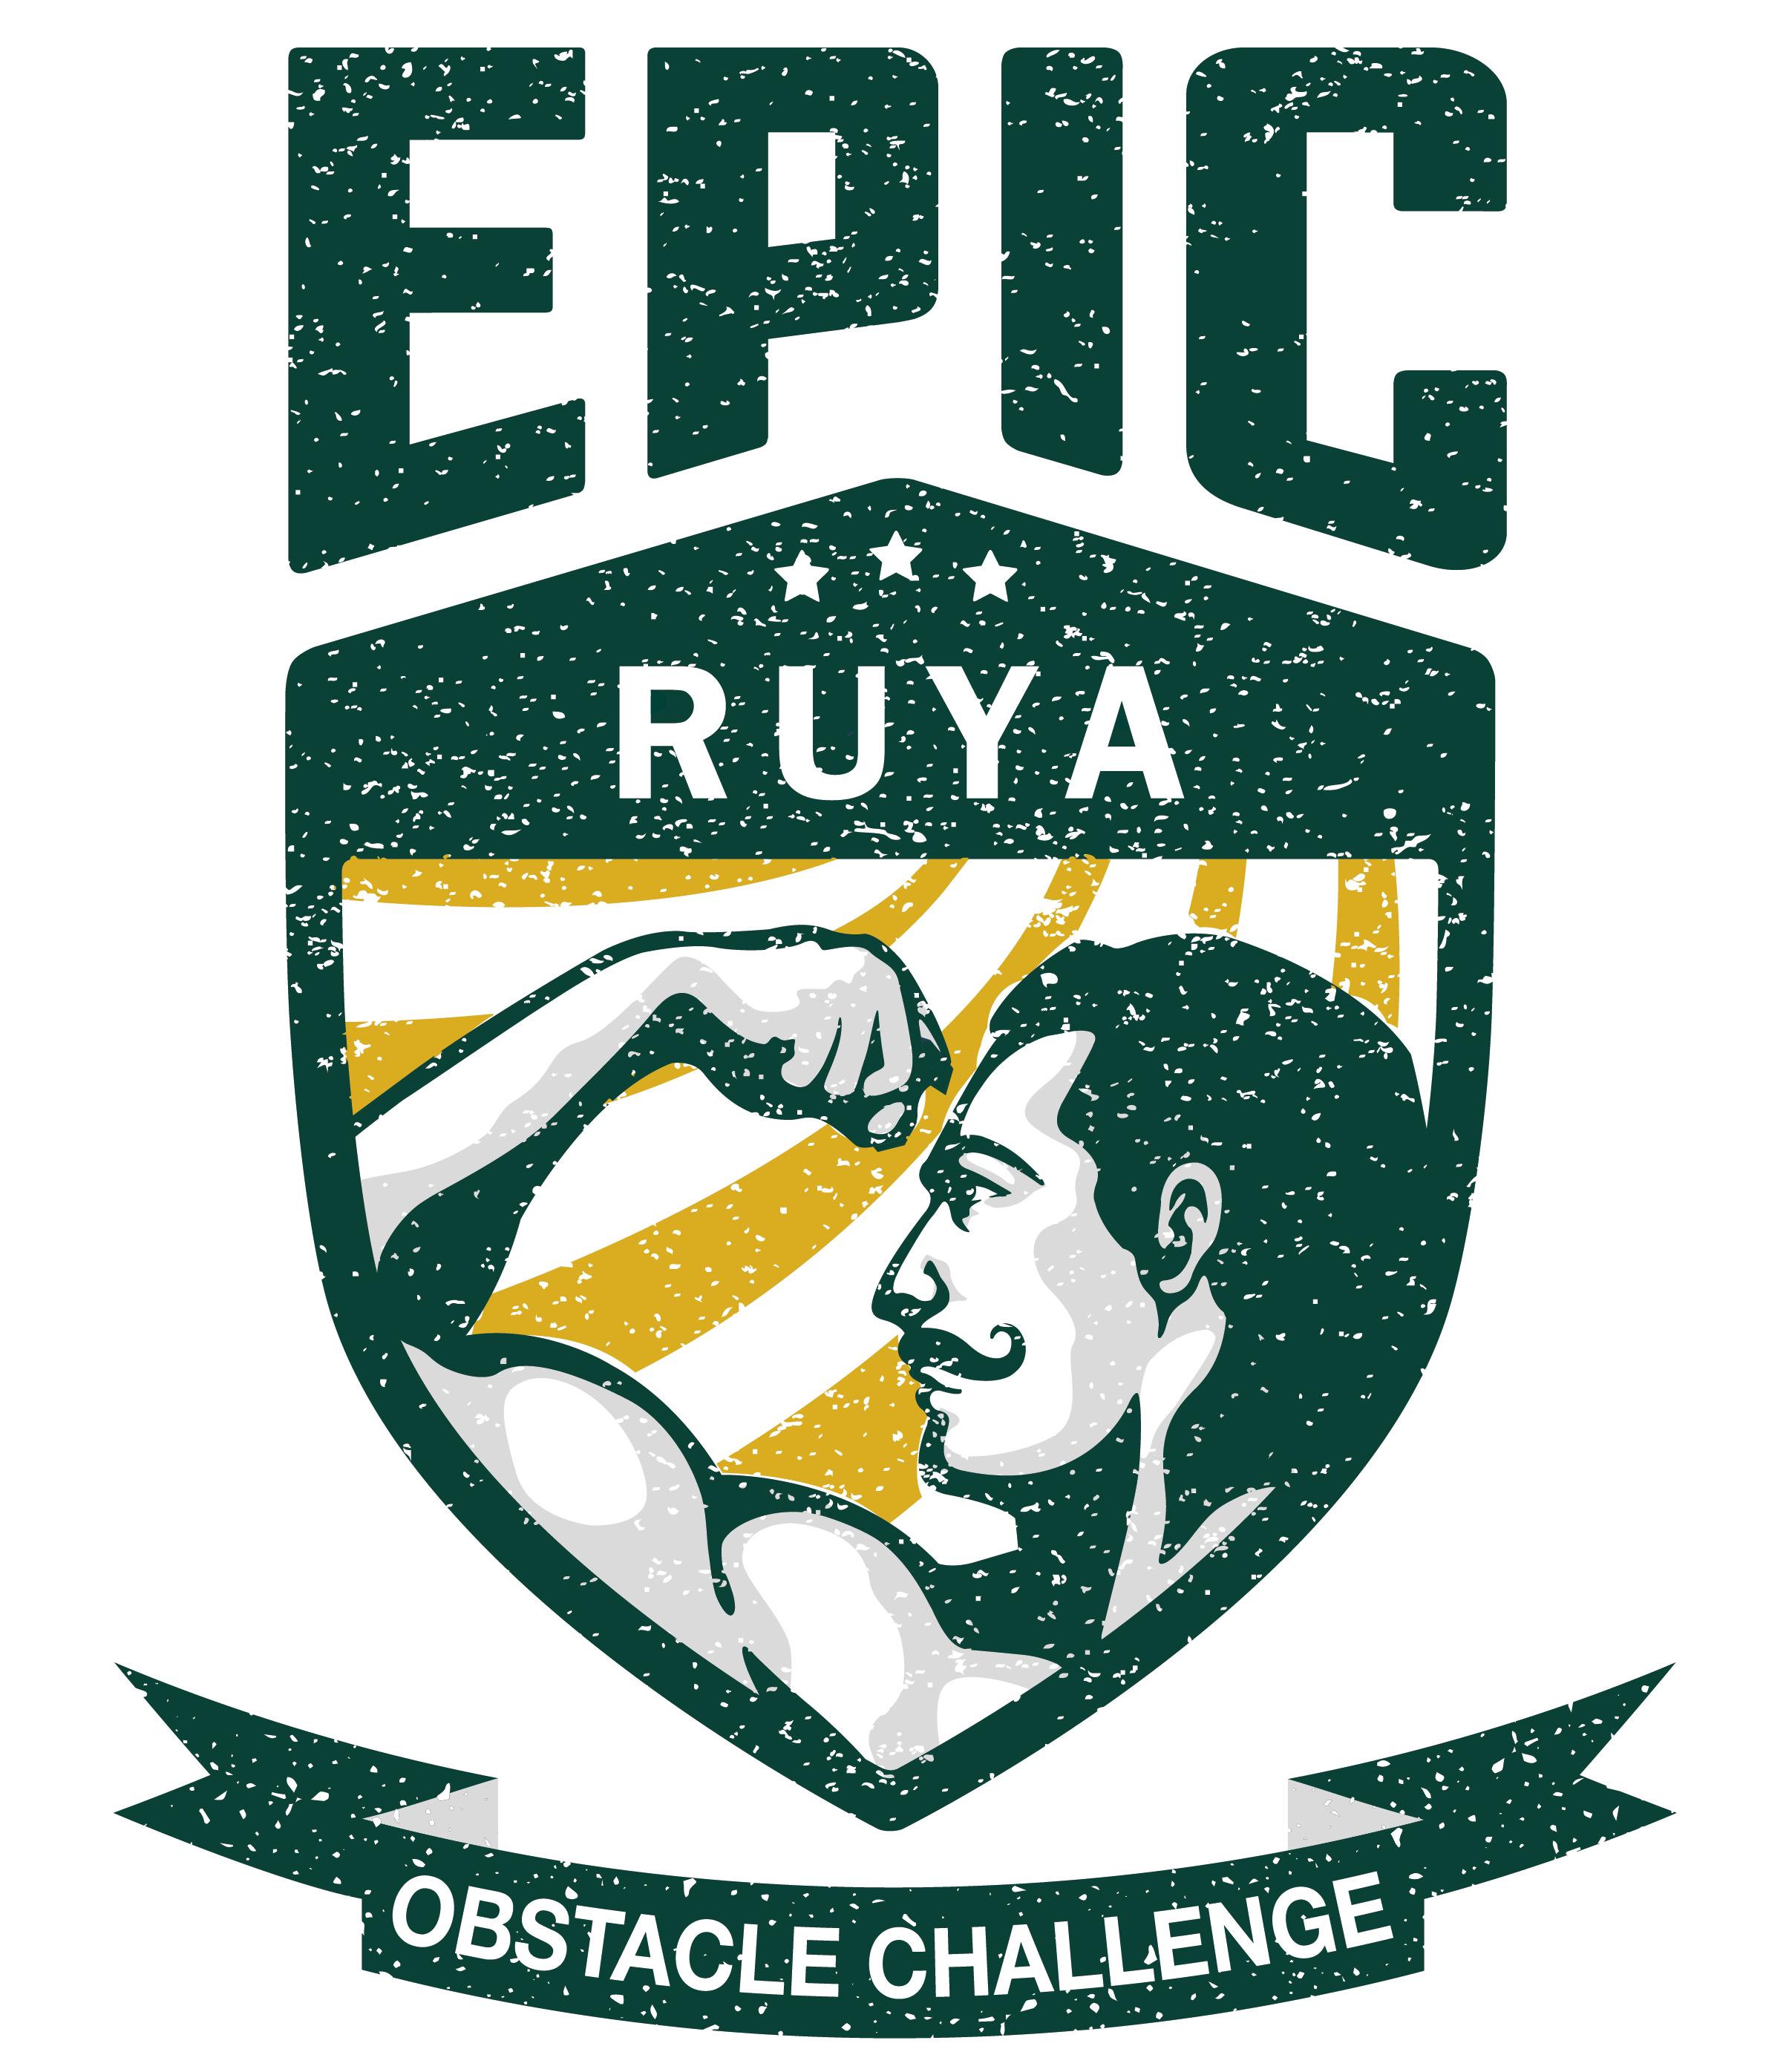 EPIC RUYA